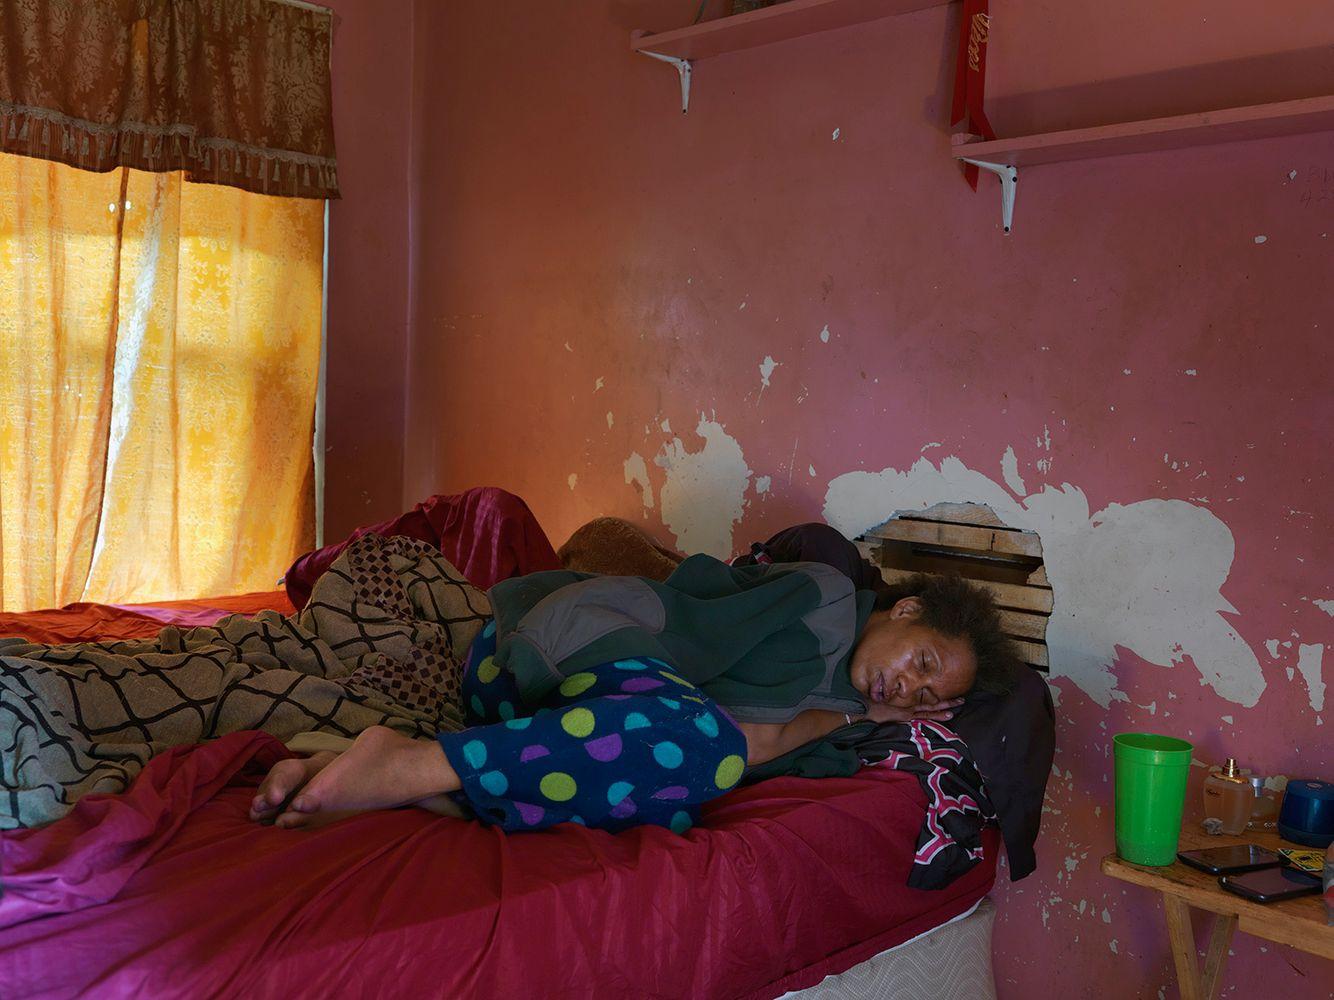 Kat Sleeping, Eastside, Datroit 2015